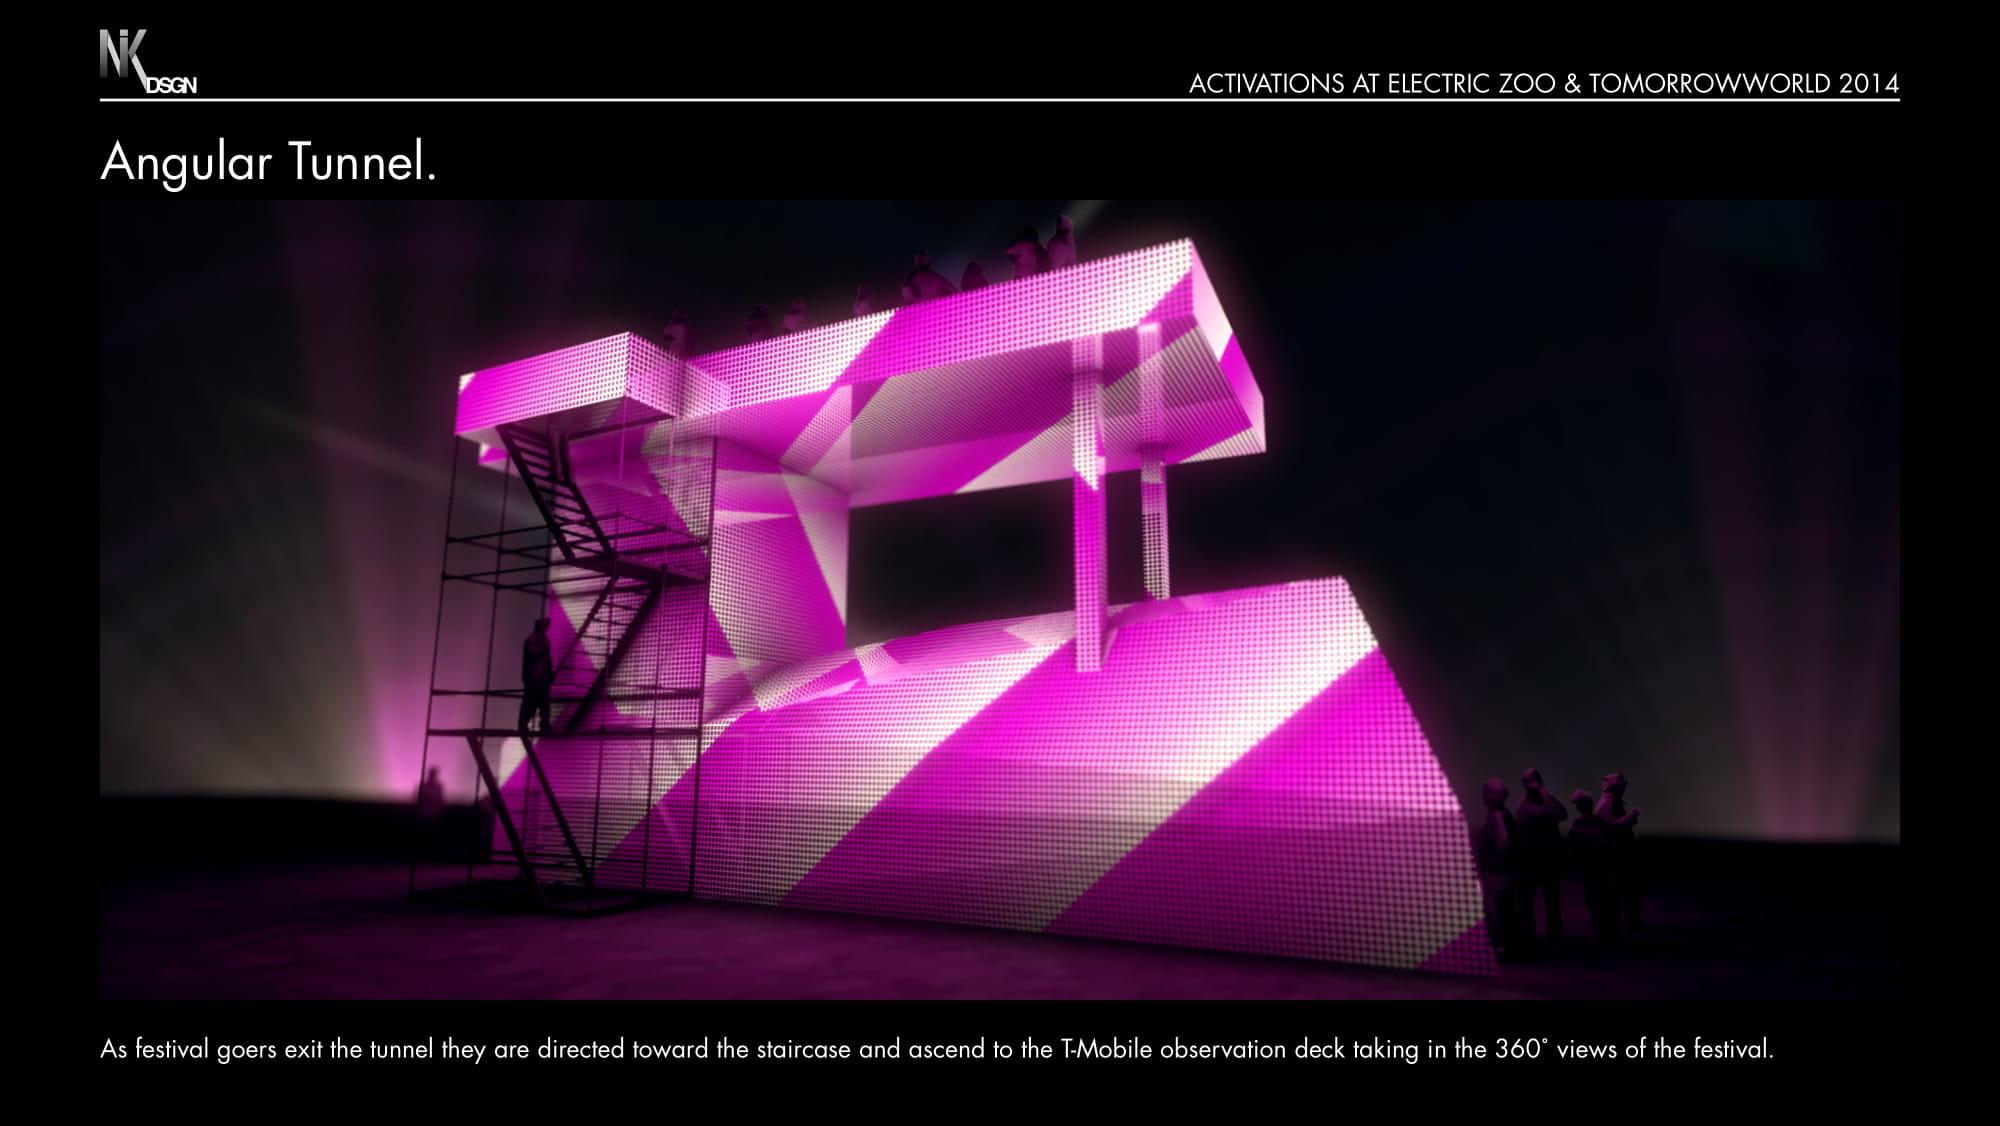 TMOB_NKdsgn_LED_v03s-06.jpg